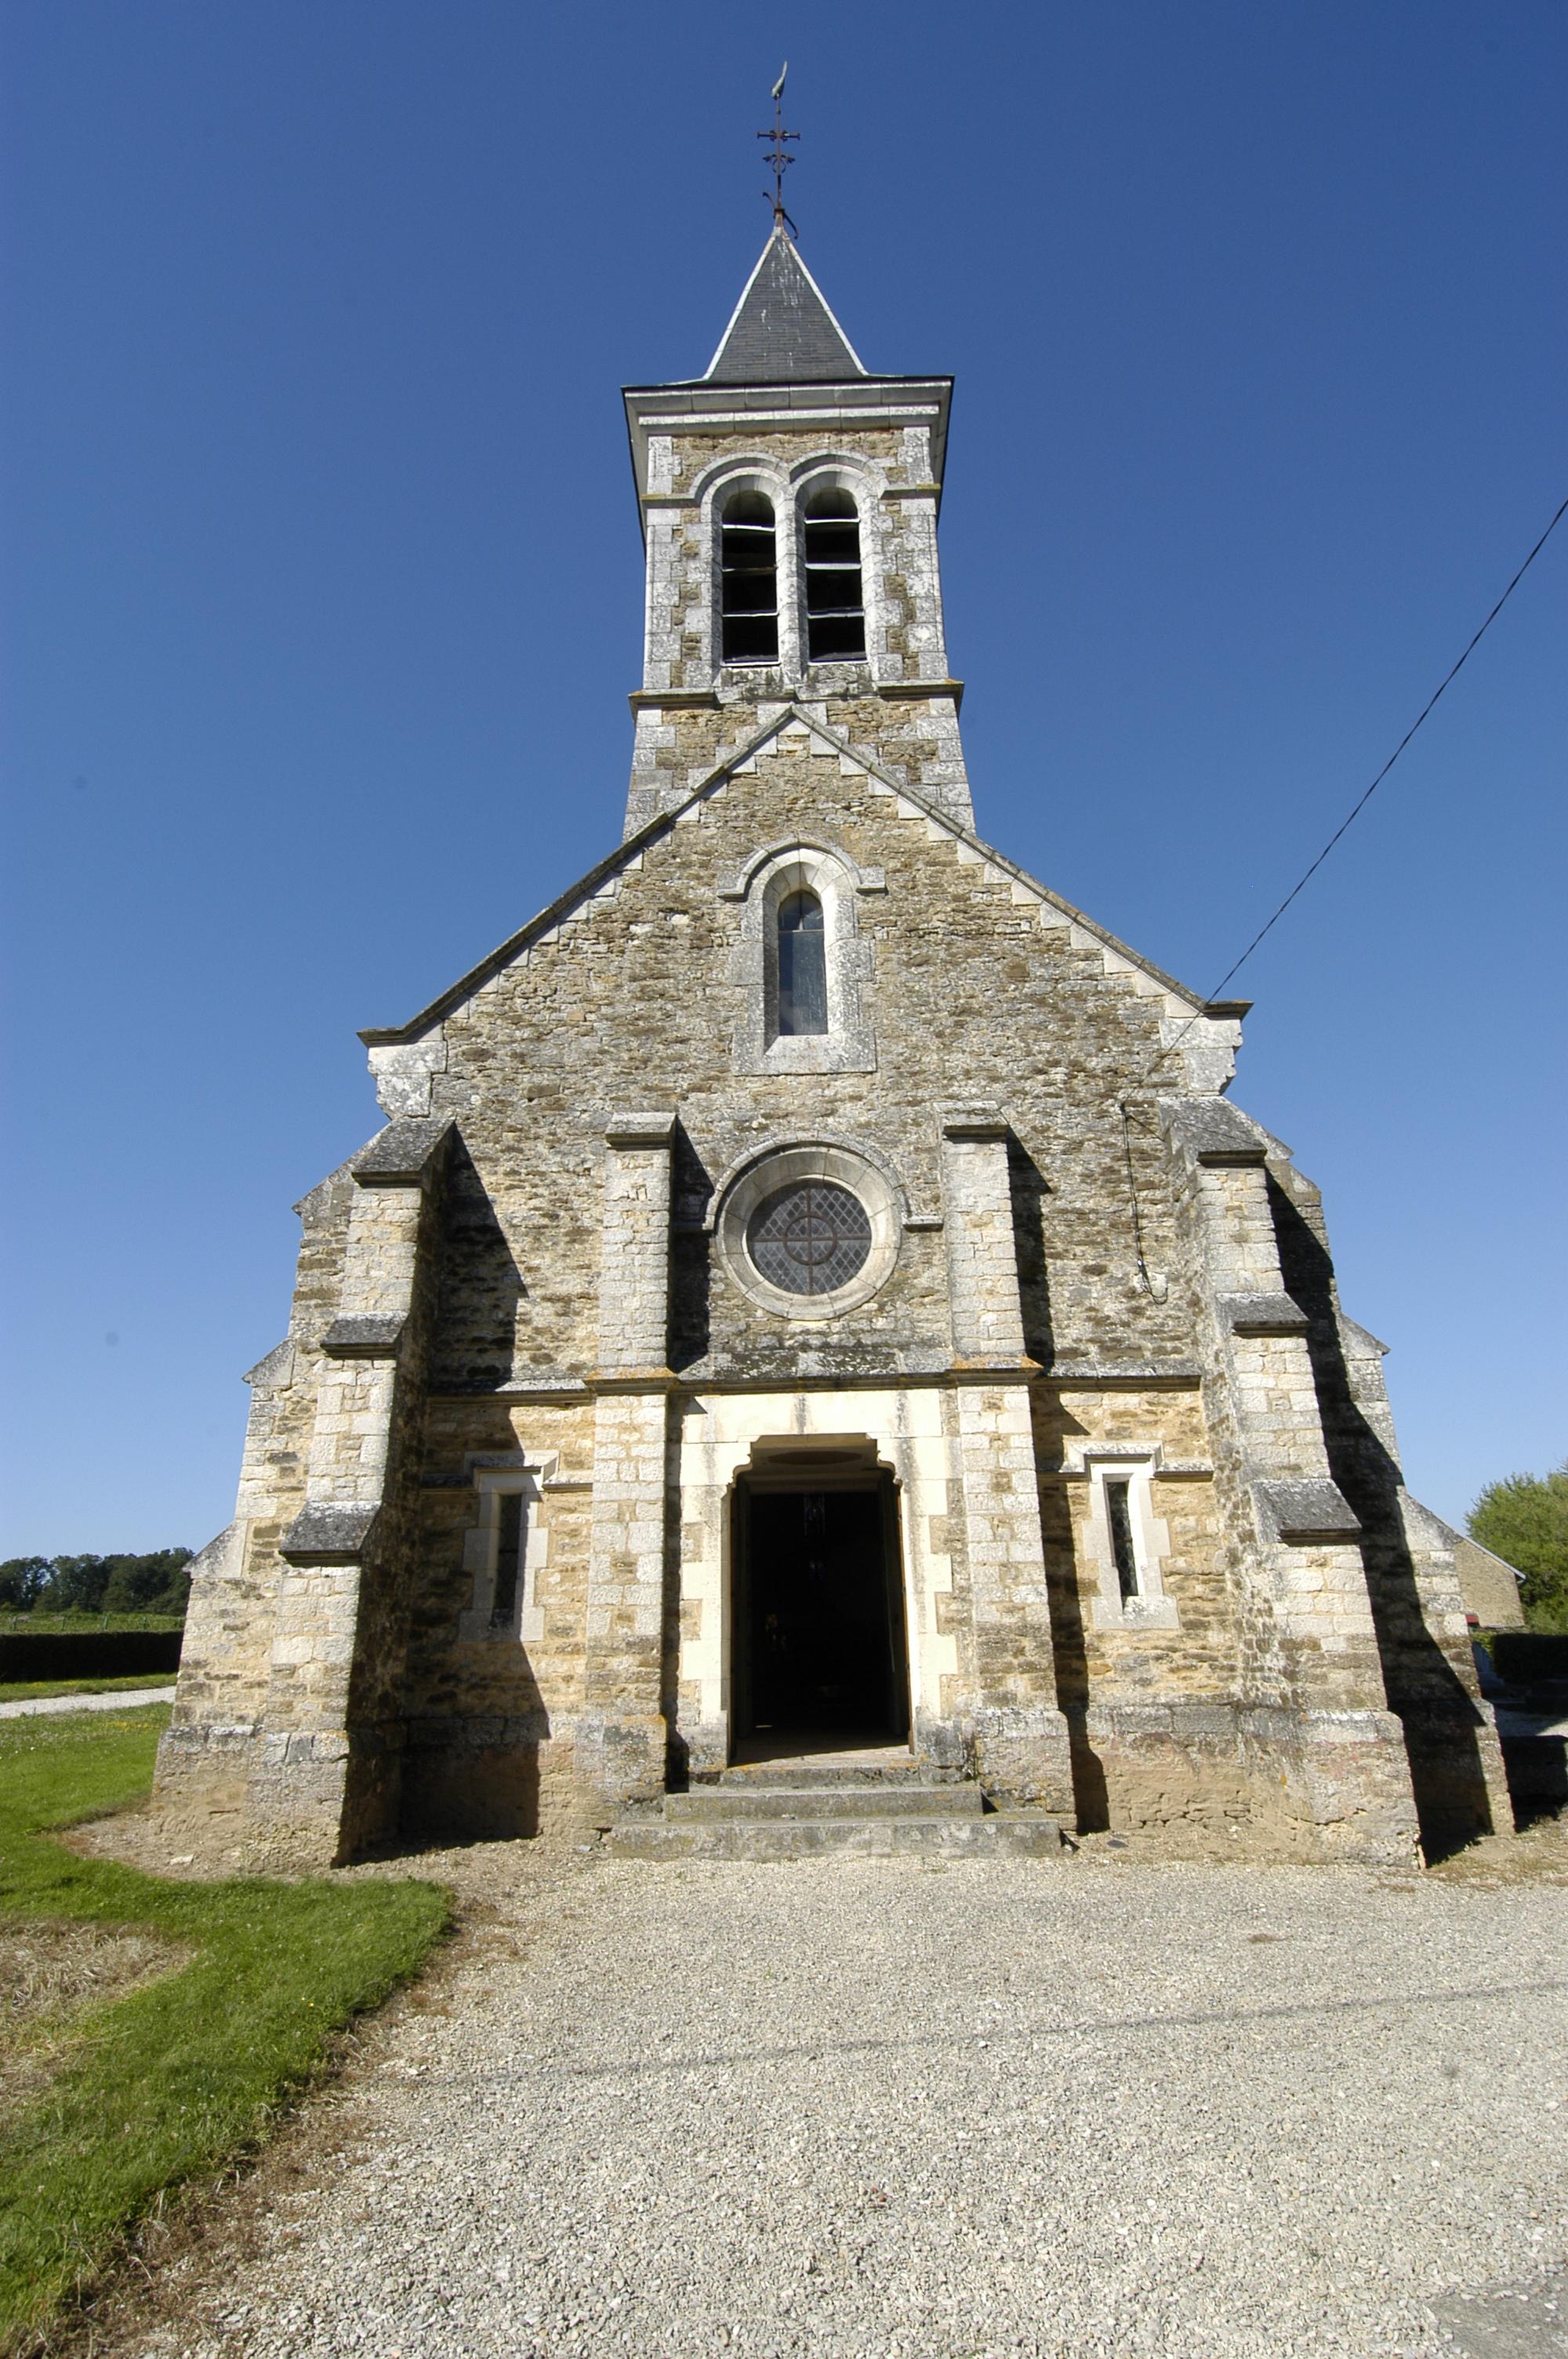 Eglise saint loup de sens de turgy turgy site officiel du tourisme en champagne ardenne - Office tourisme pic saint loup ...